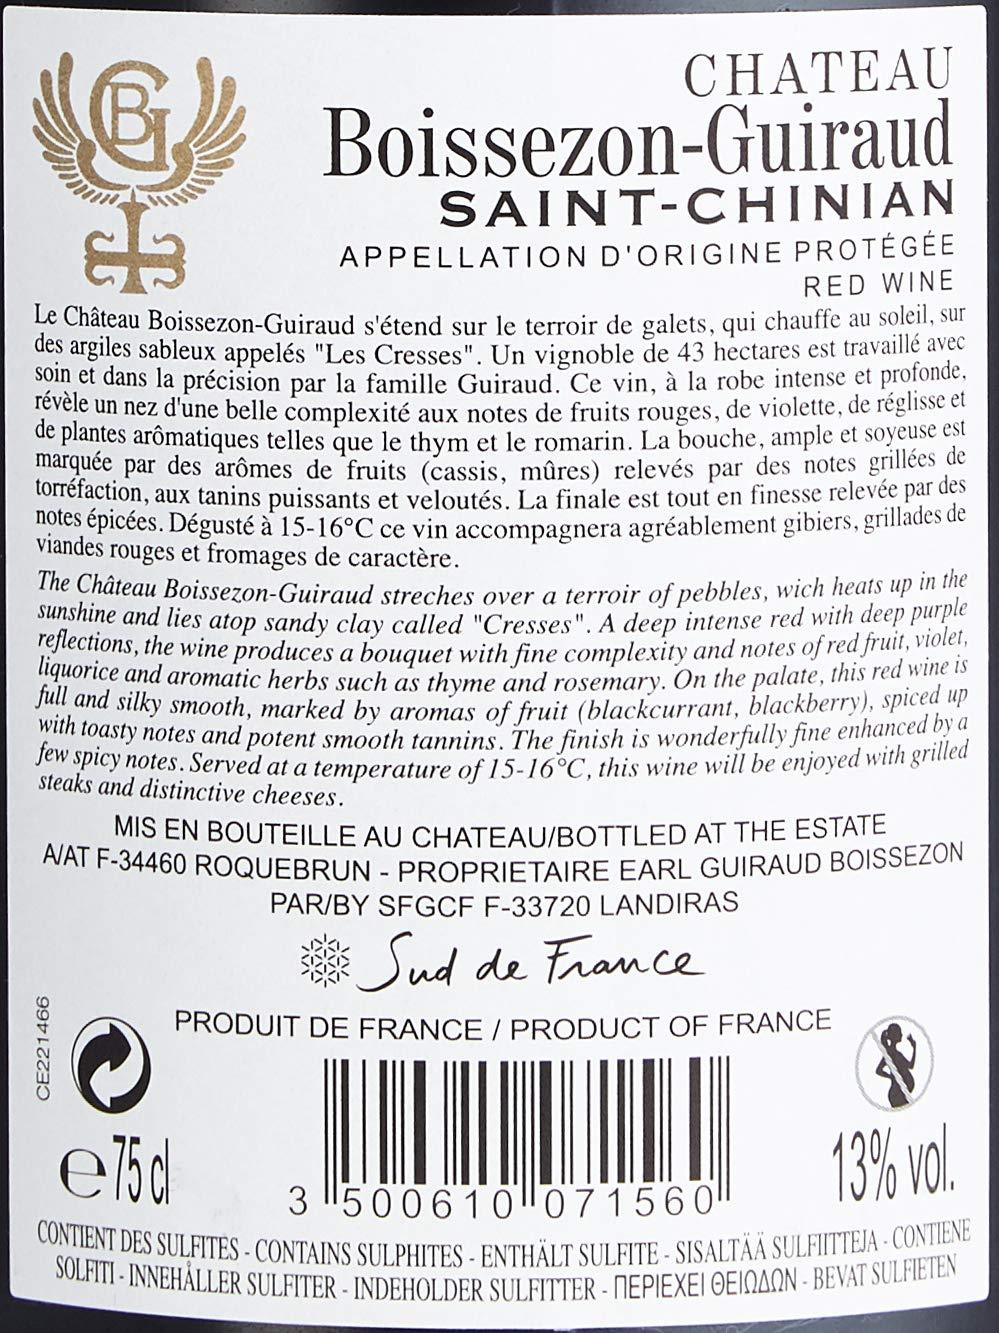 Chateau-Boissezon-Guiraud-AOP-Saint-Chinian-Halbtrocken-6-x-075-l